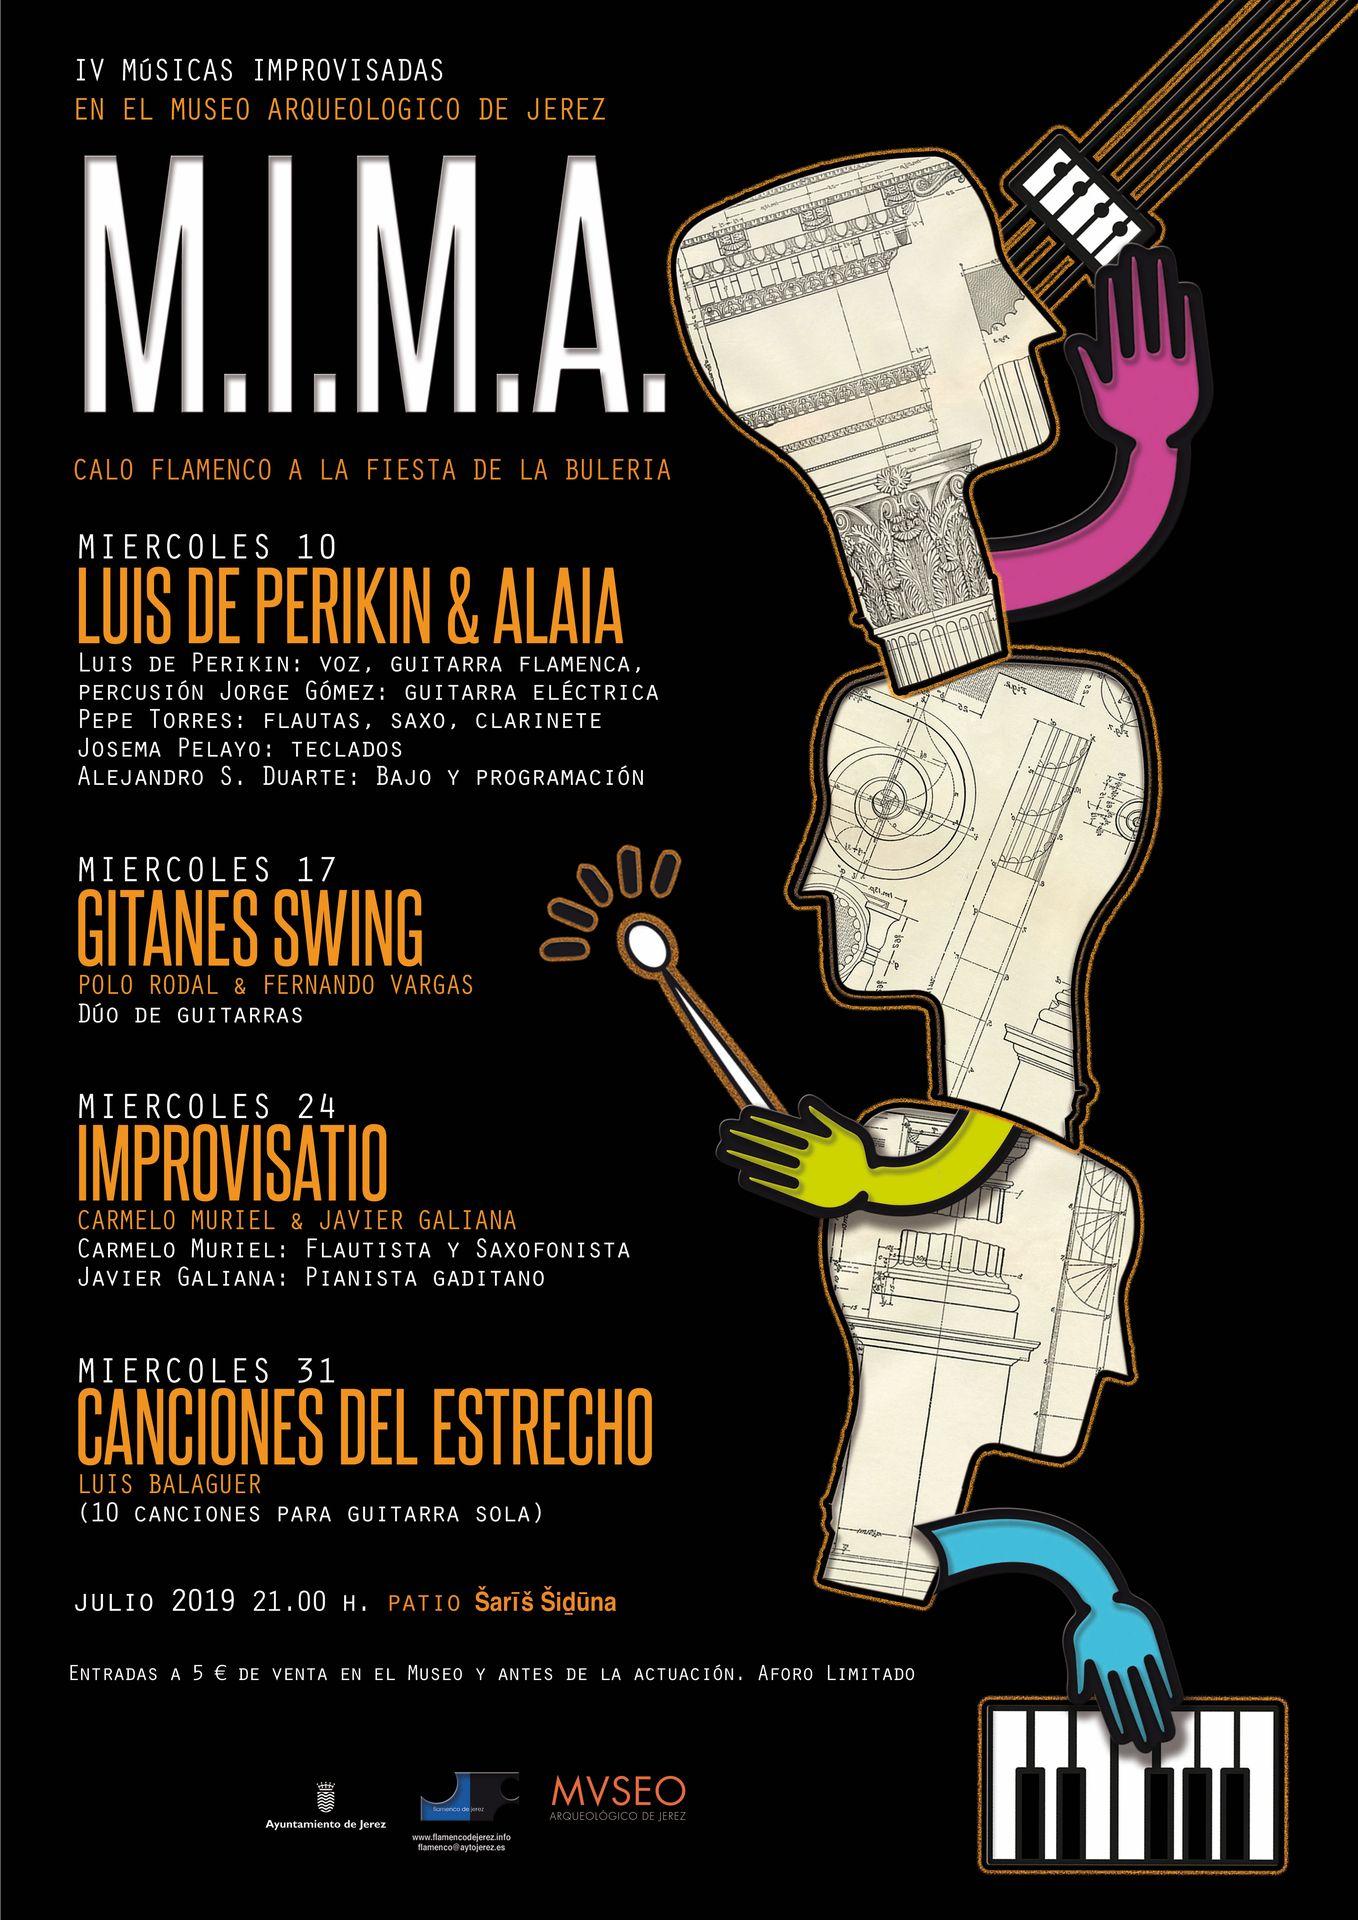 IV Músicas Improvisadas en el Museo Arqueológico de Jerez. Festival MIMA